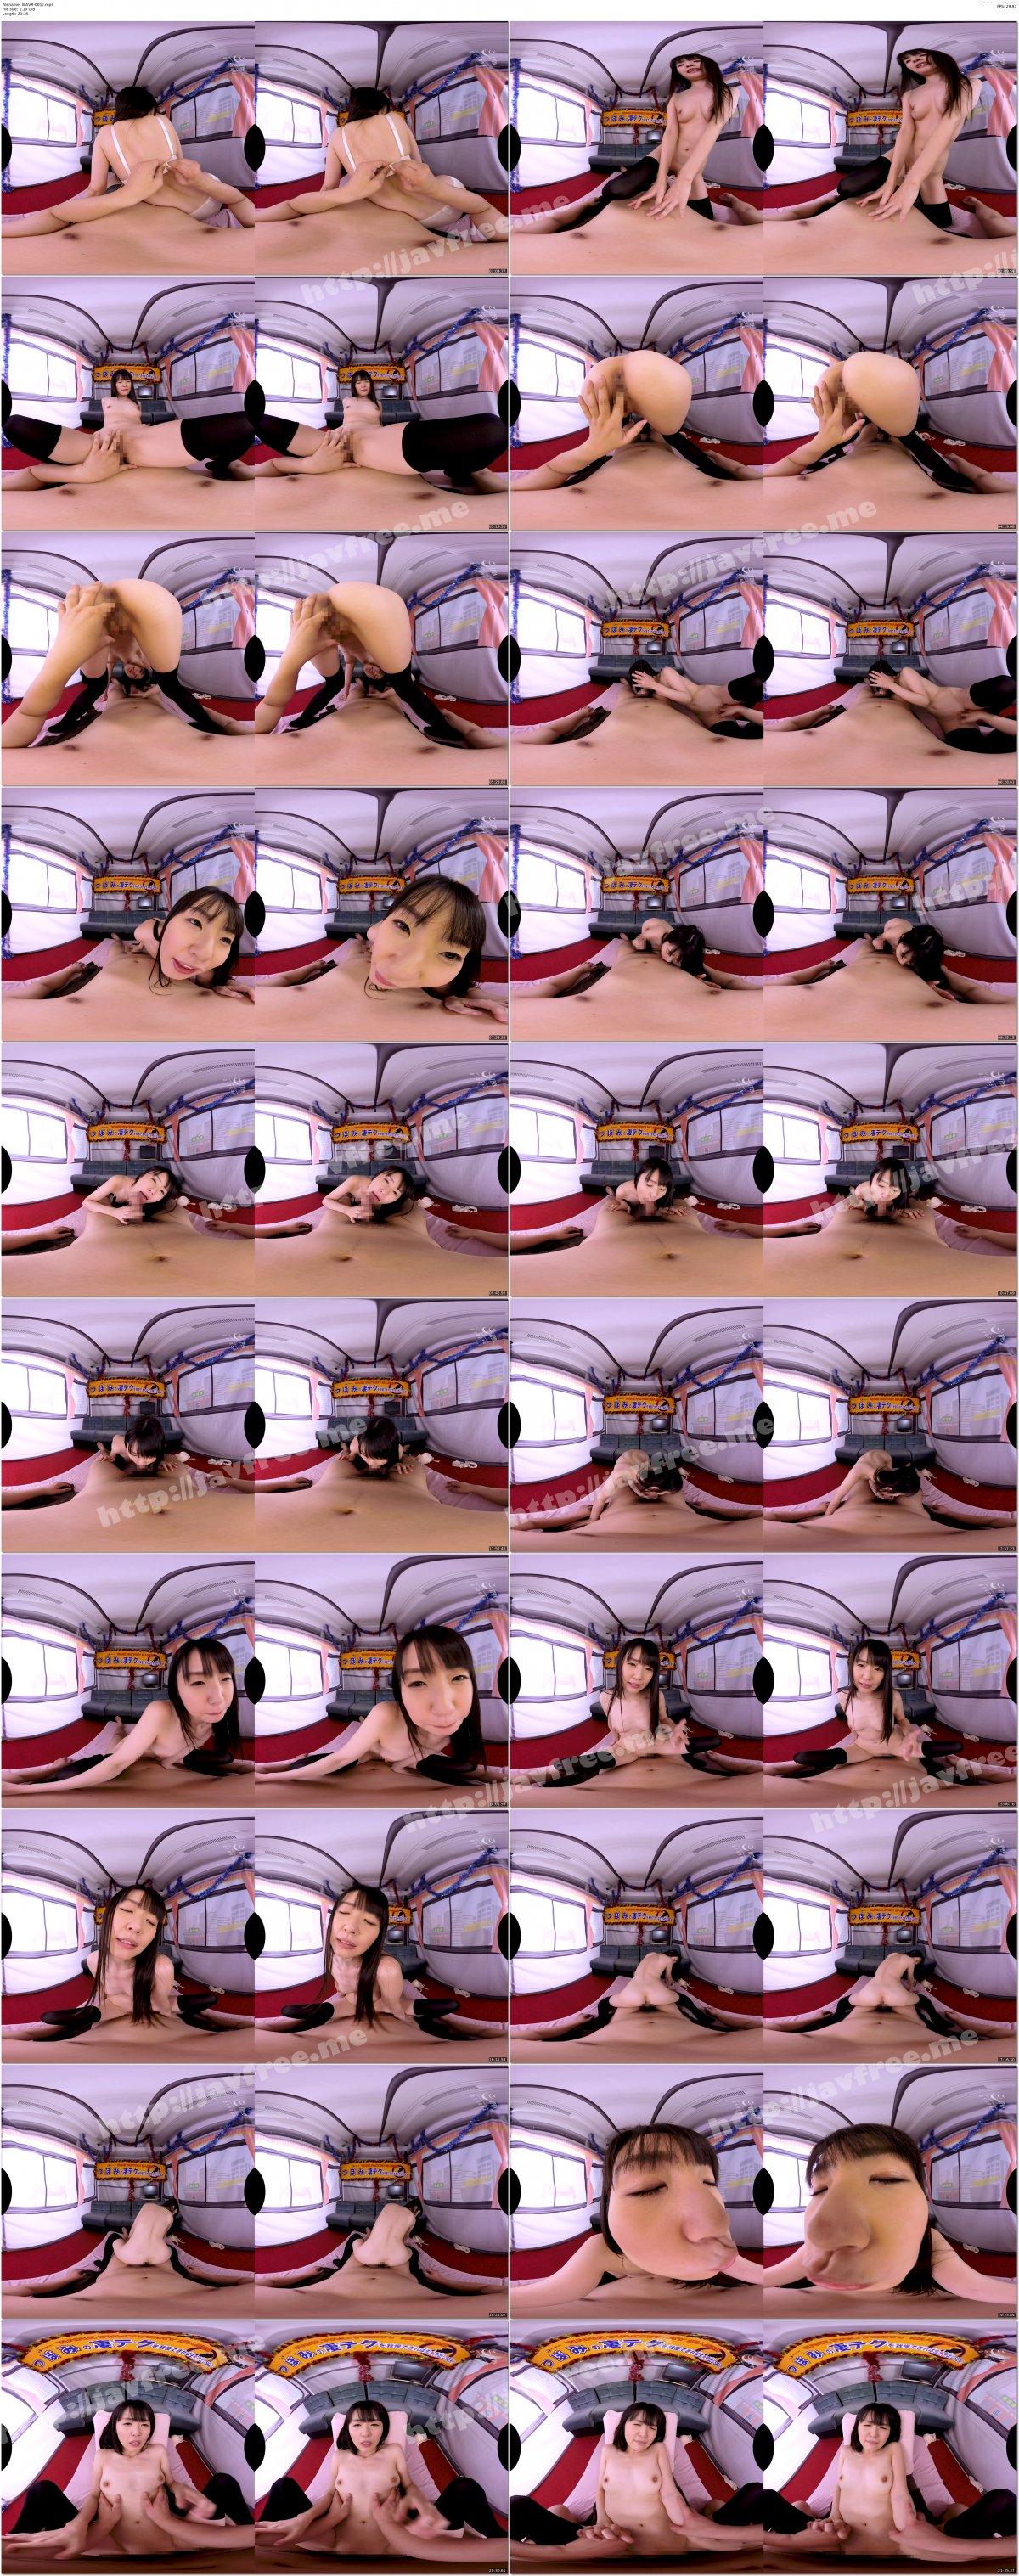 [WAVR-001] 【VR】素人ファン体験VR つぼみの凄テクを我慢できれば生★中出しSEX! つぼみ